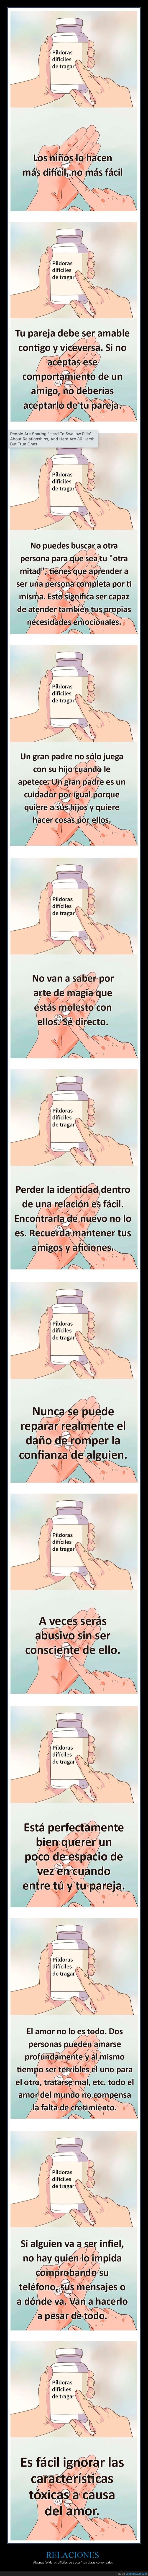 píldoras difíciles de tragar,relaciones